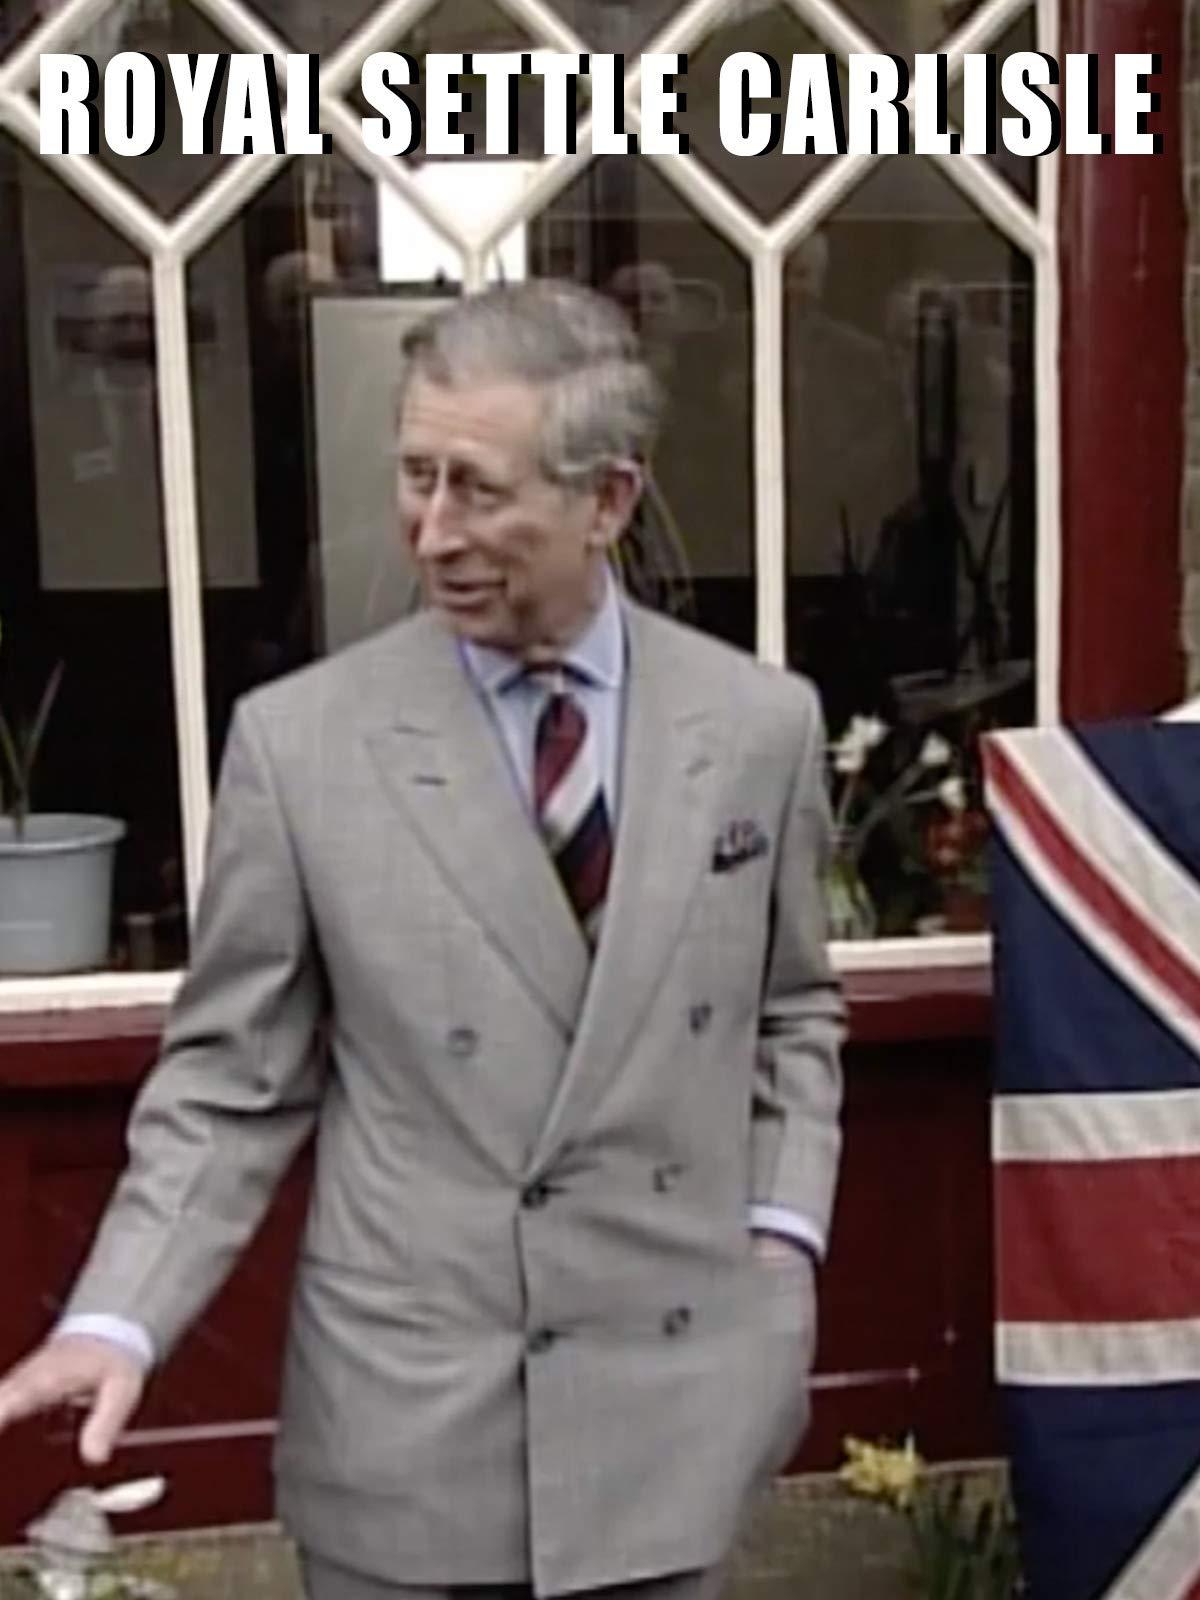 The Royal Settle-Carlisle